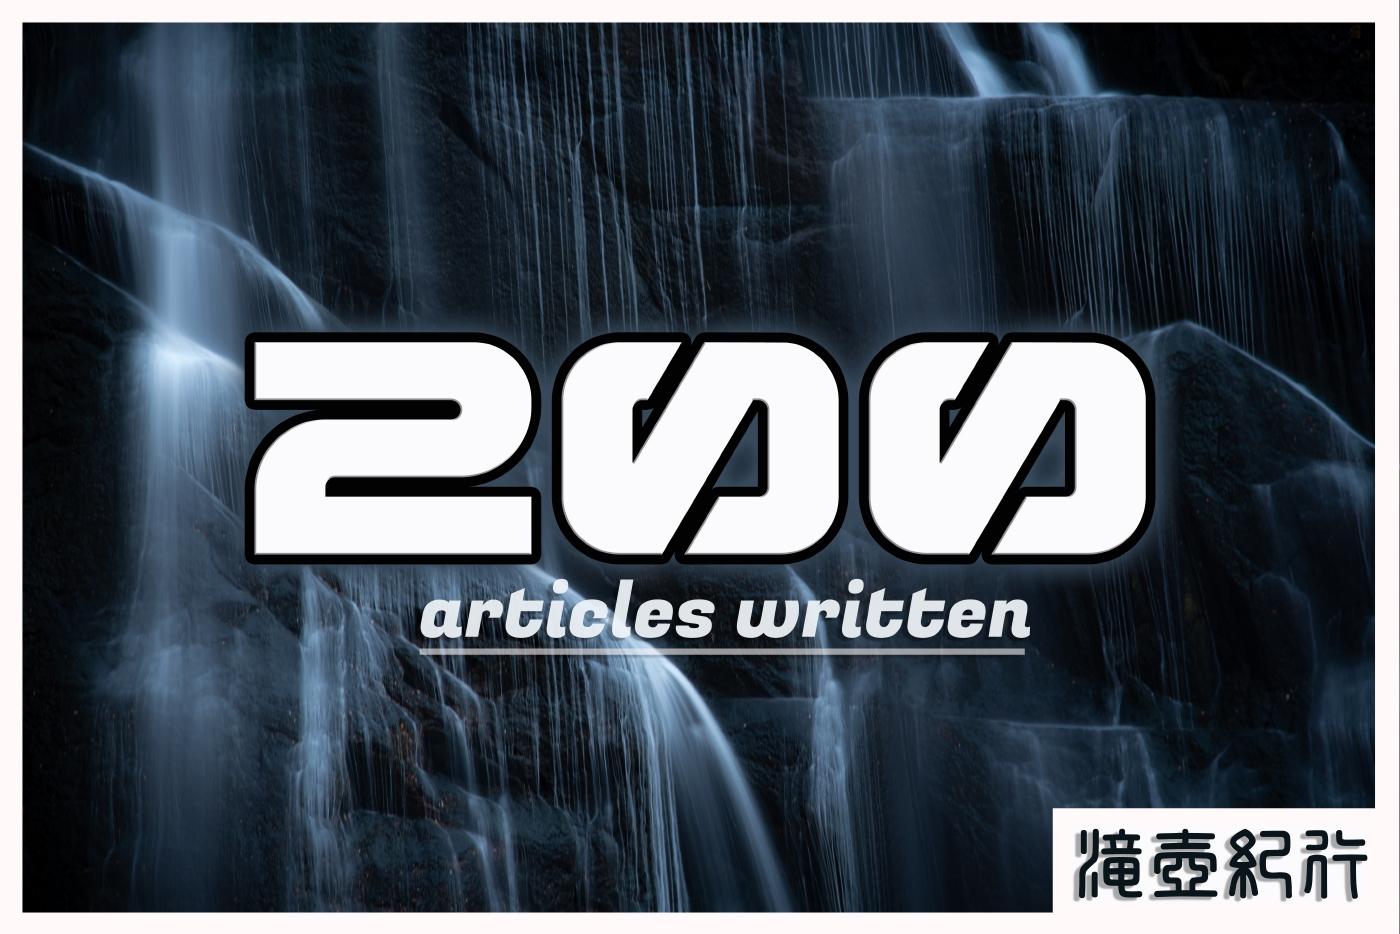 200記事到達 ~今後の展望をつらつらと書き散らかす~